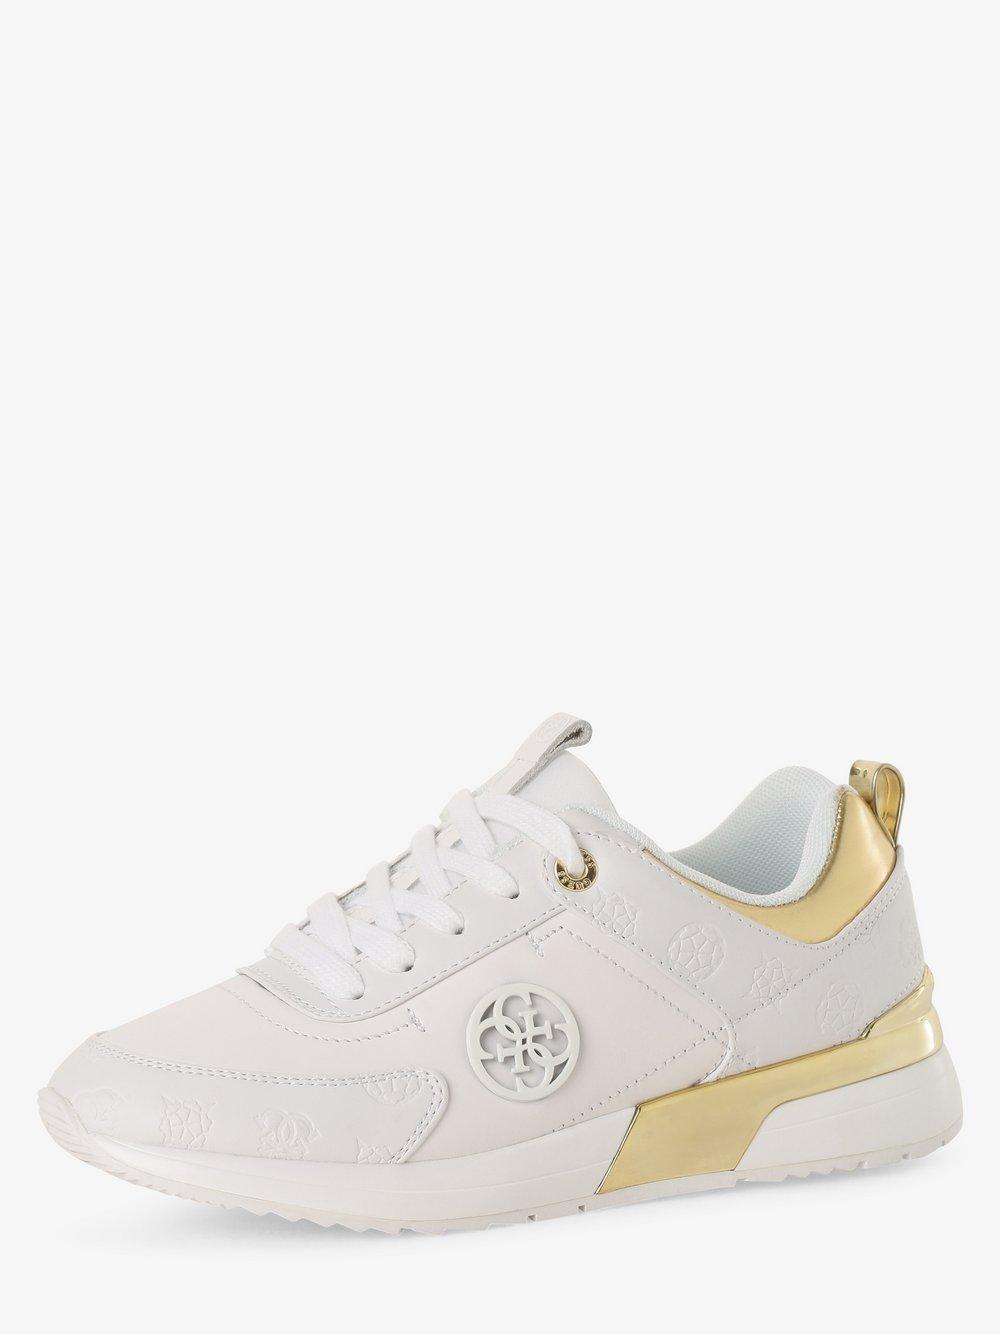 Guess Jeans - Tenisówki damskie z dodatkiem skóry, biały